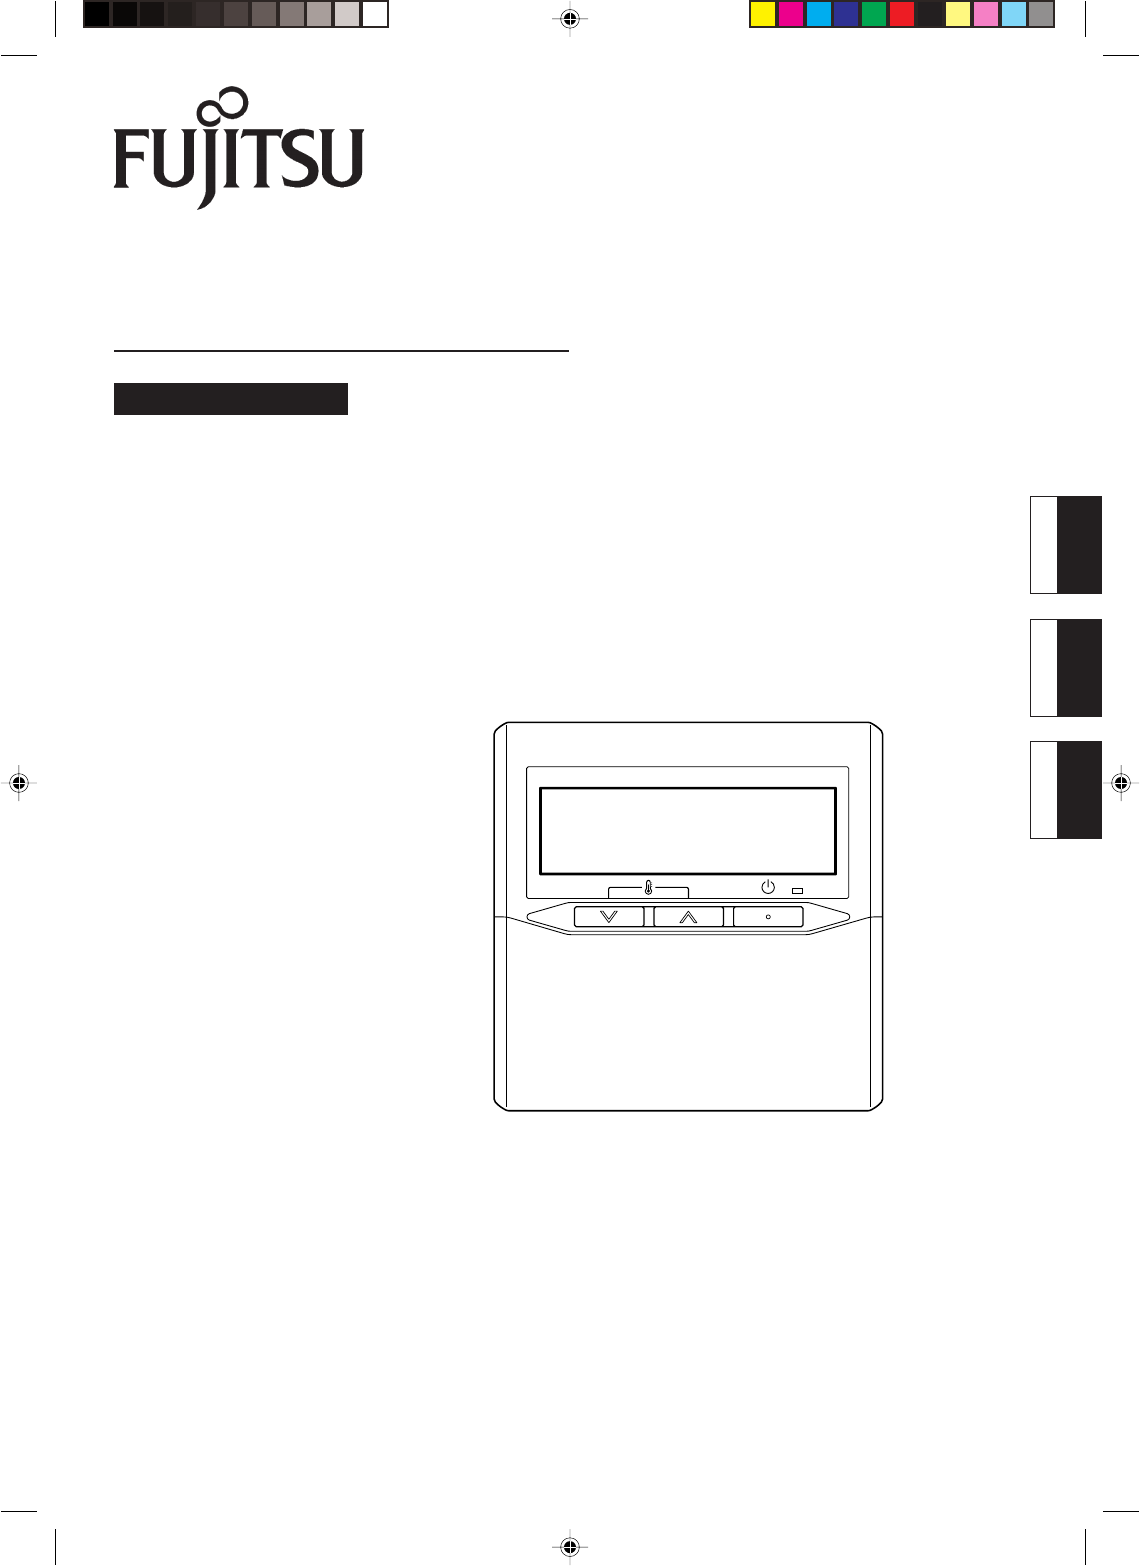 fujitsu air conditioner remote controller user guide